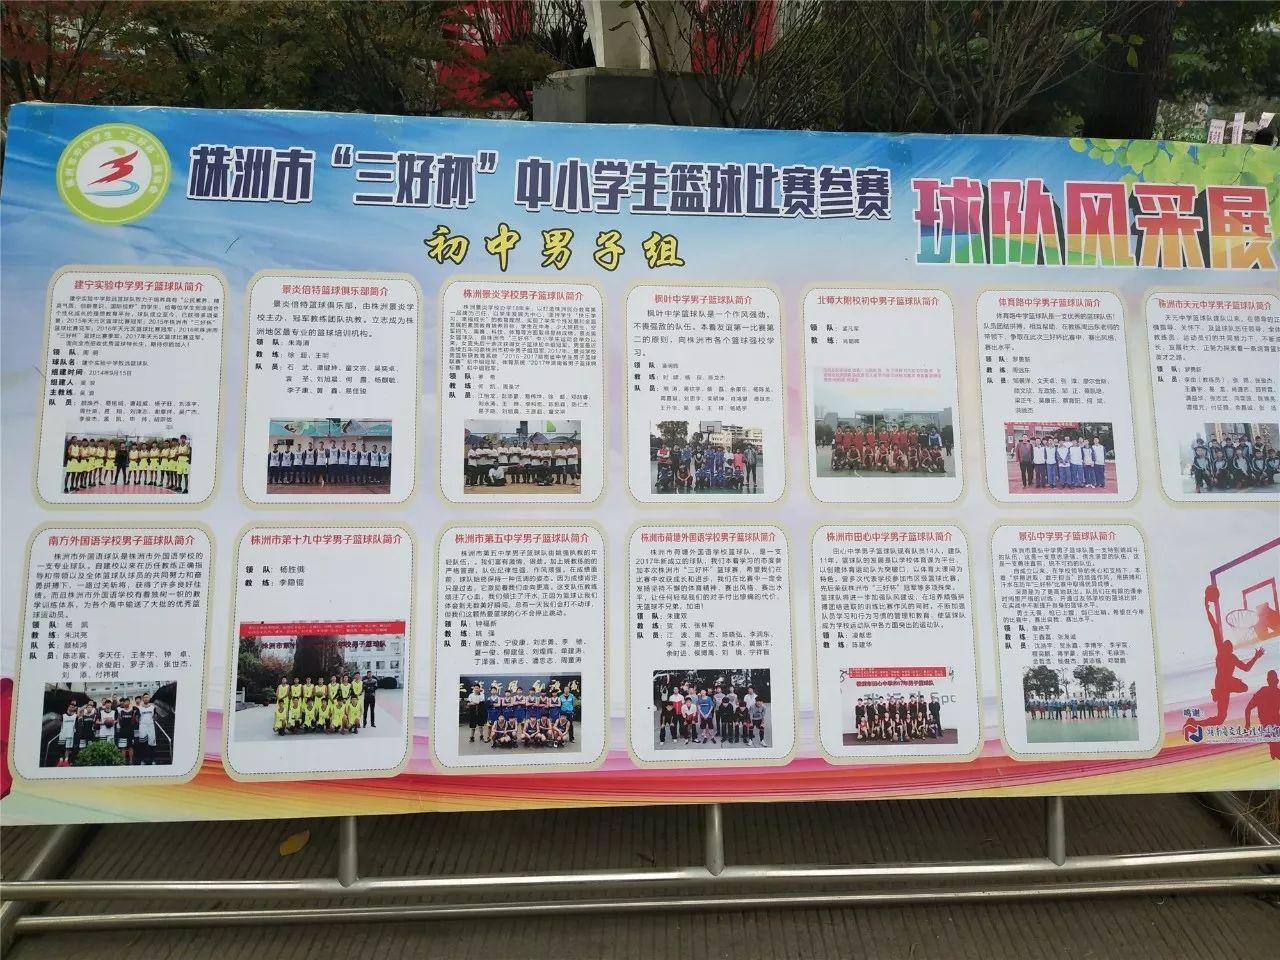 体育 正文  比赛期间,校园里摆进了与赛事有关的所有宣传展板,包括